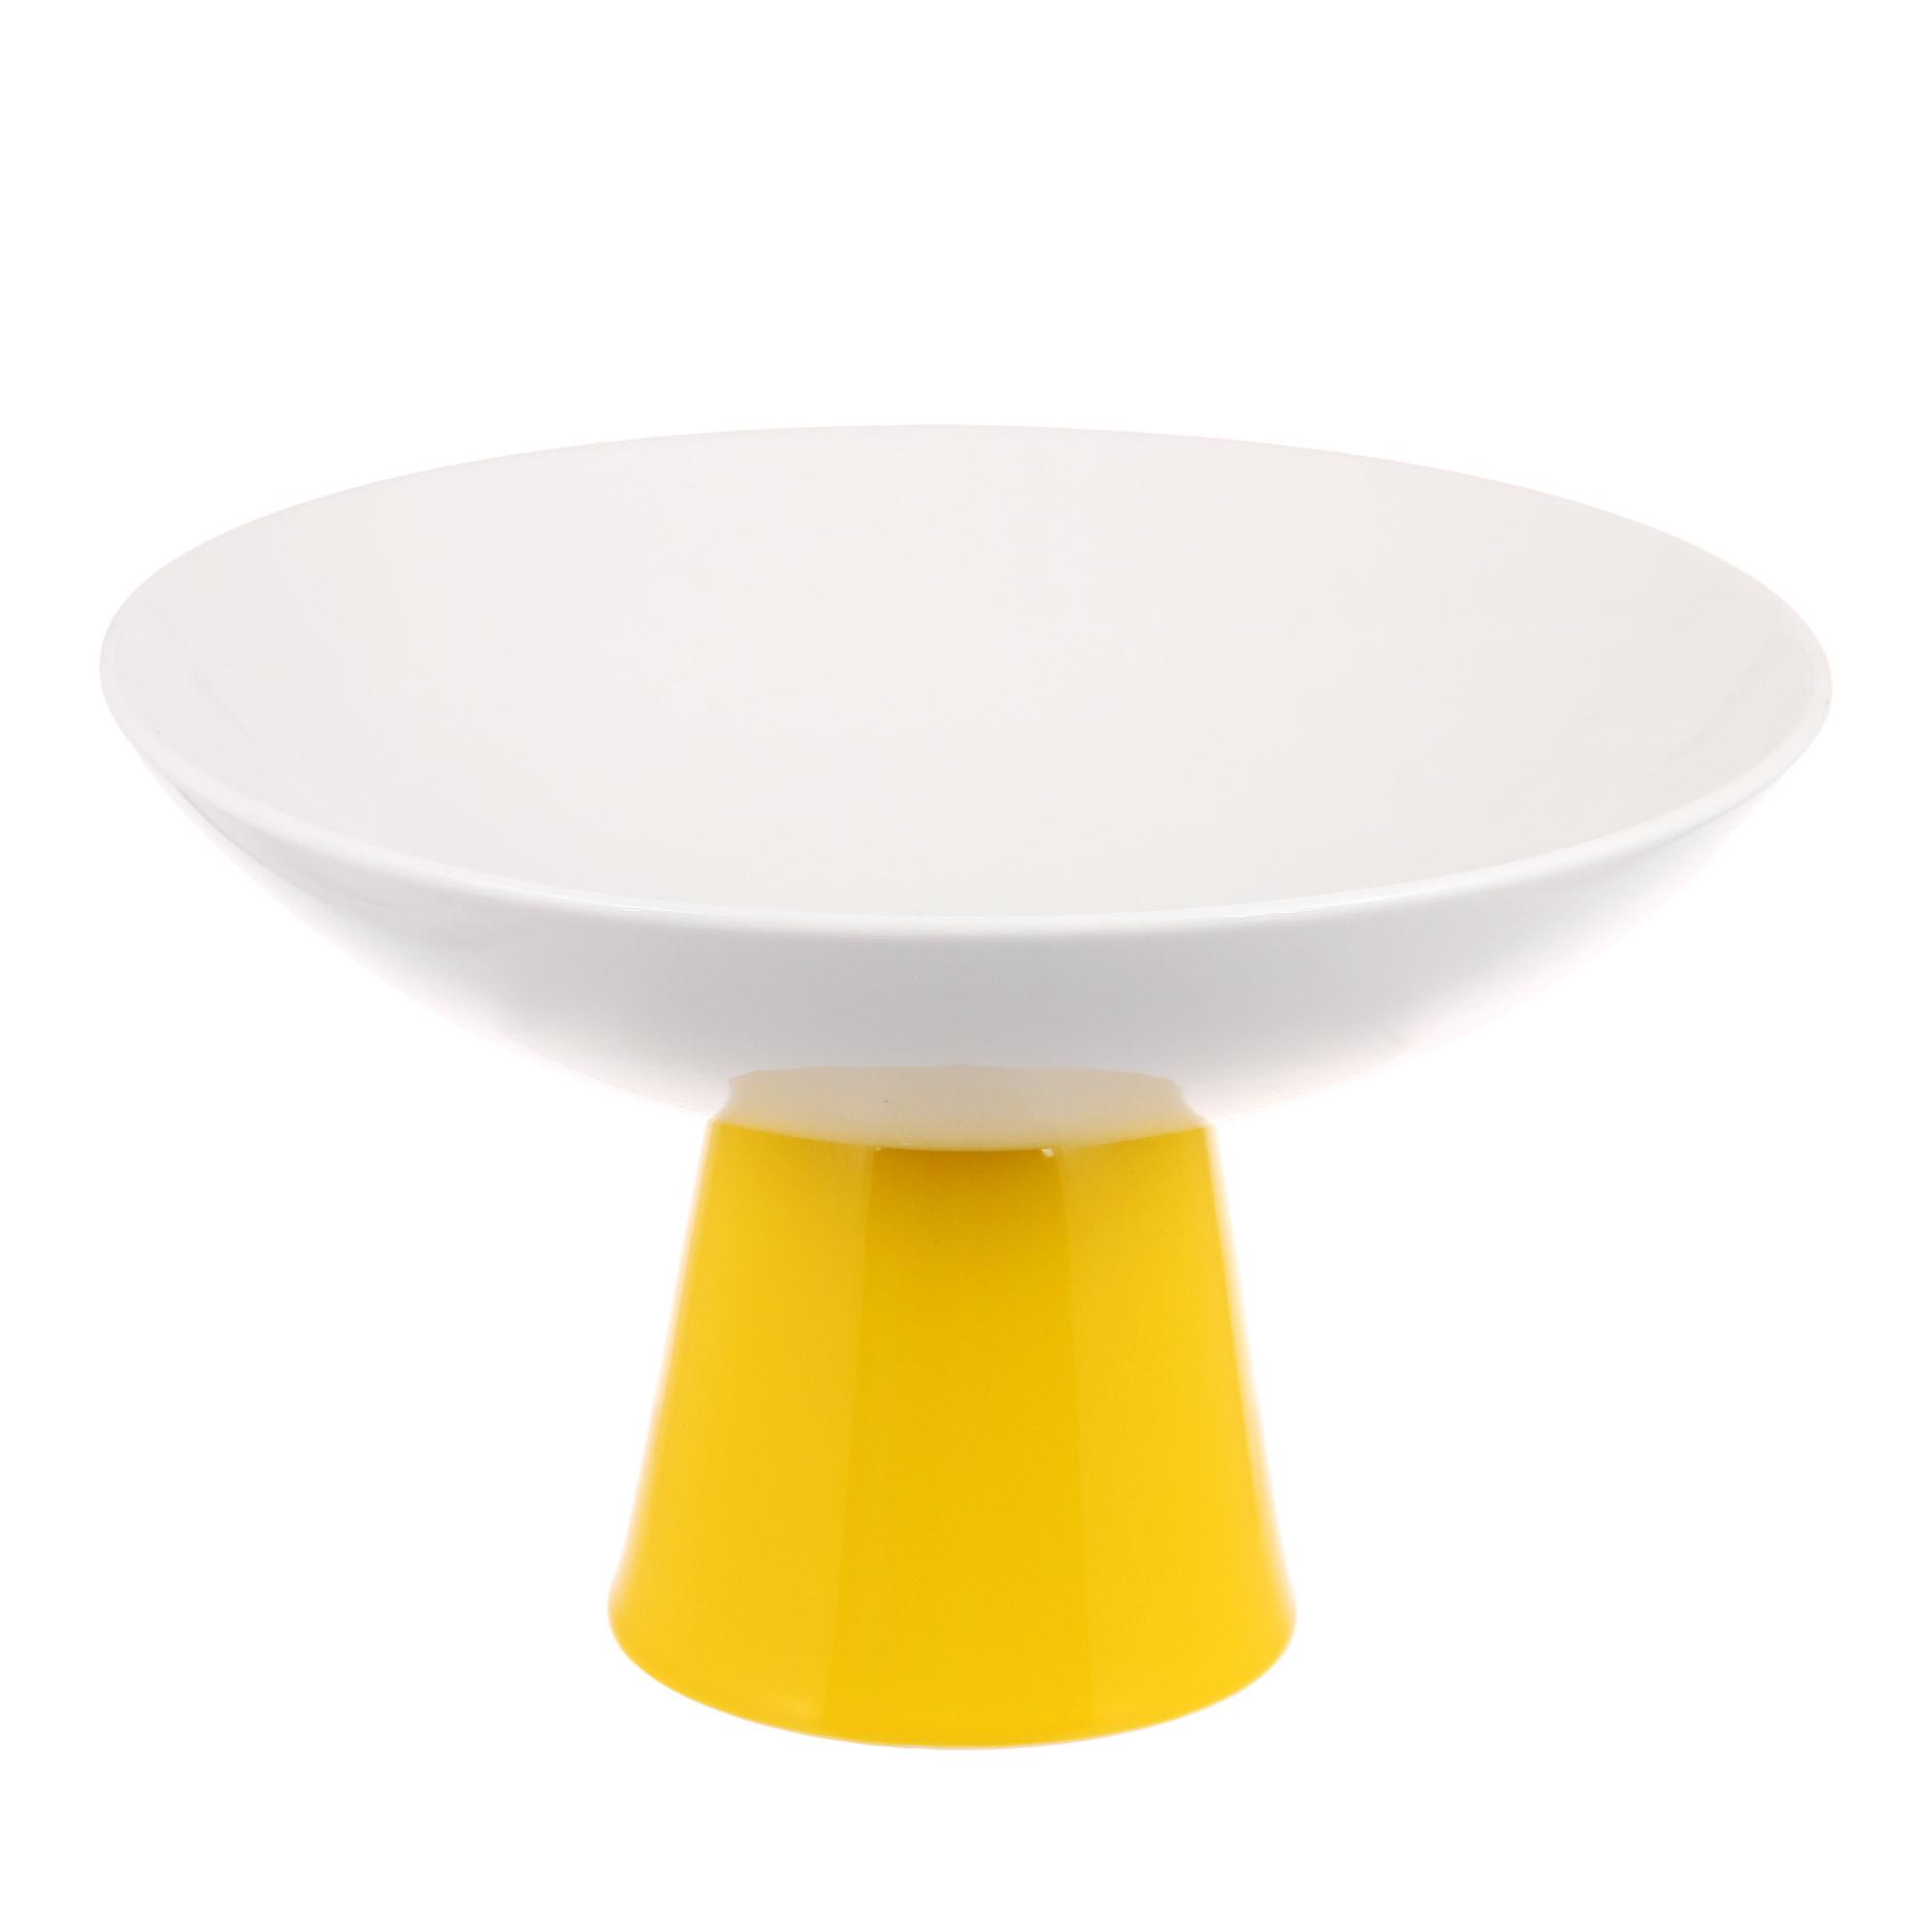 Блюдо на ножке 24см высокое основание желтое Deagourmet